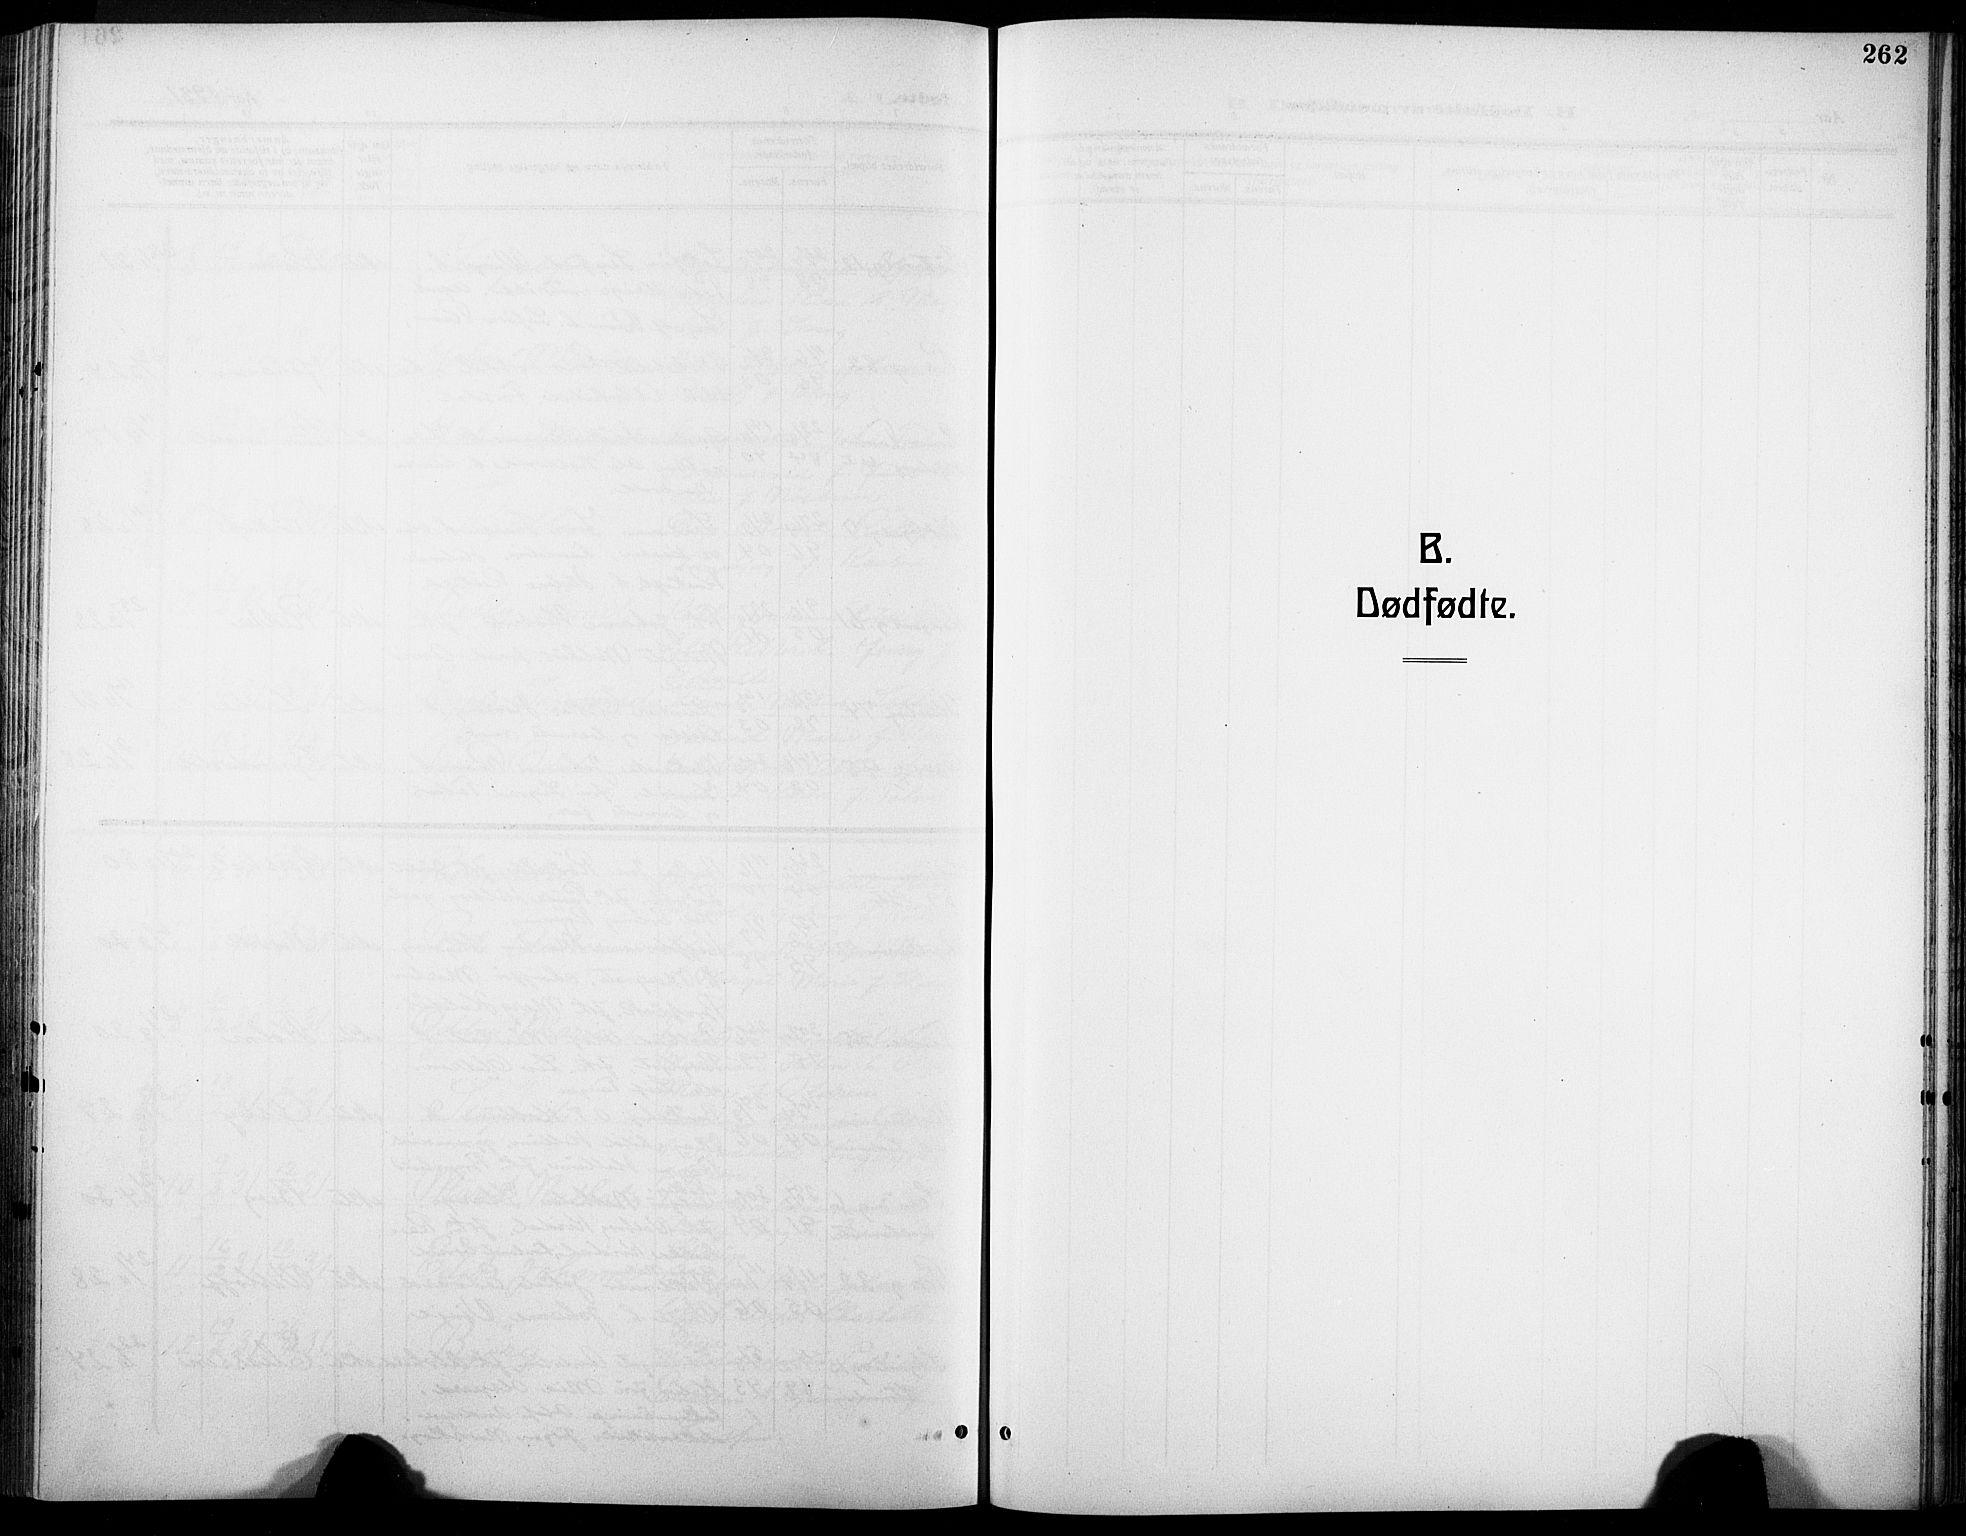 SAT, Ministerialprotokoller, klokkerbøker og fødselsregistre - Sør-Trøndelag, 601/L0096: Klokkerbok nr. 601C14, 1911-1931, s. 262